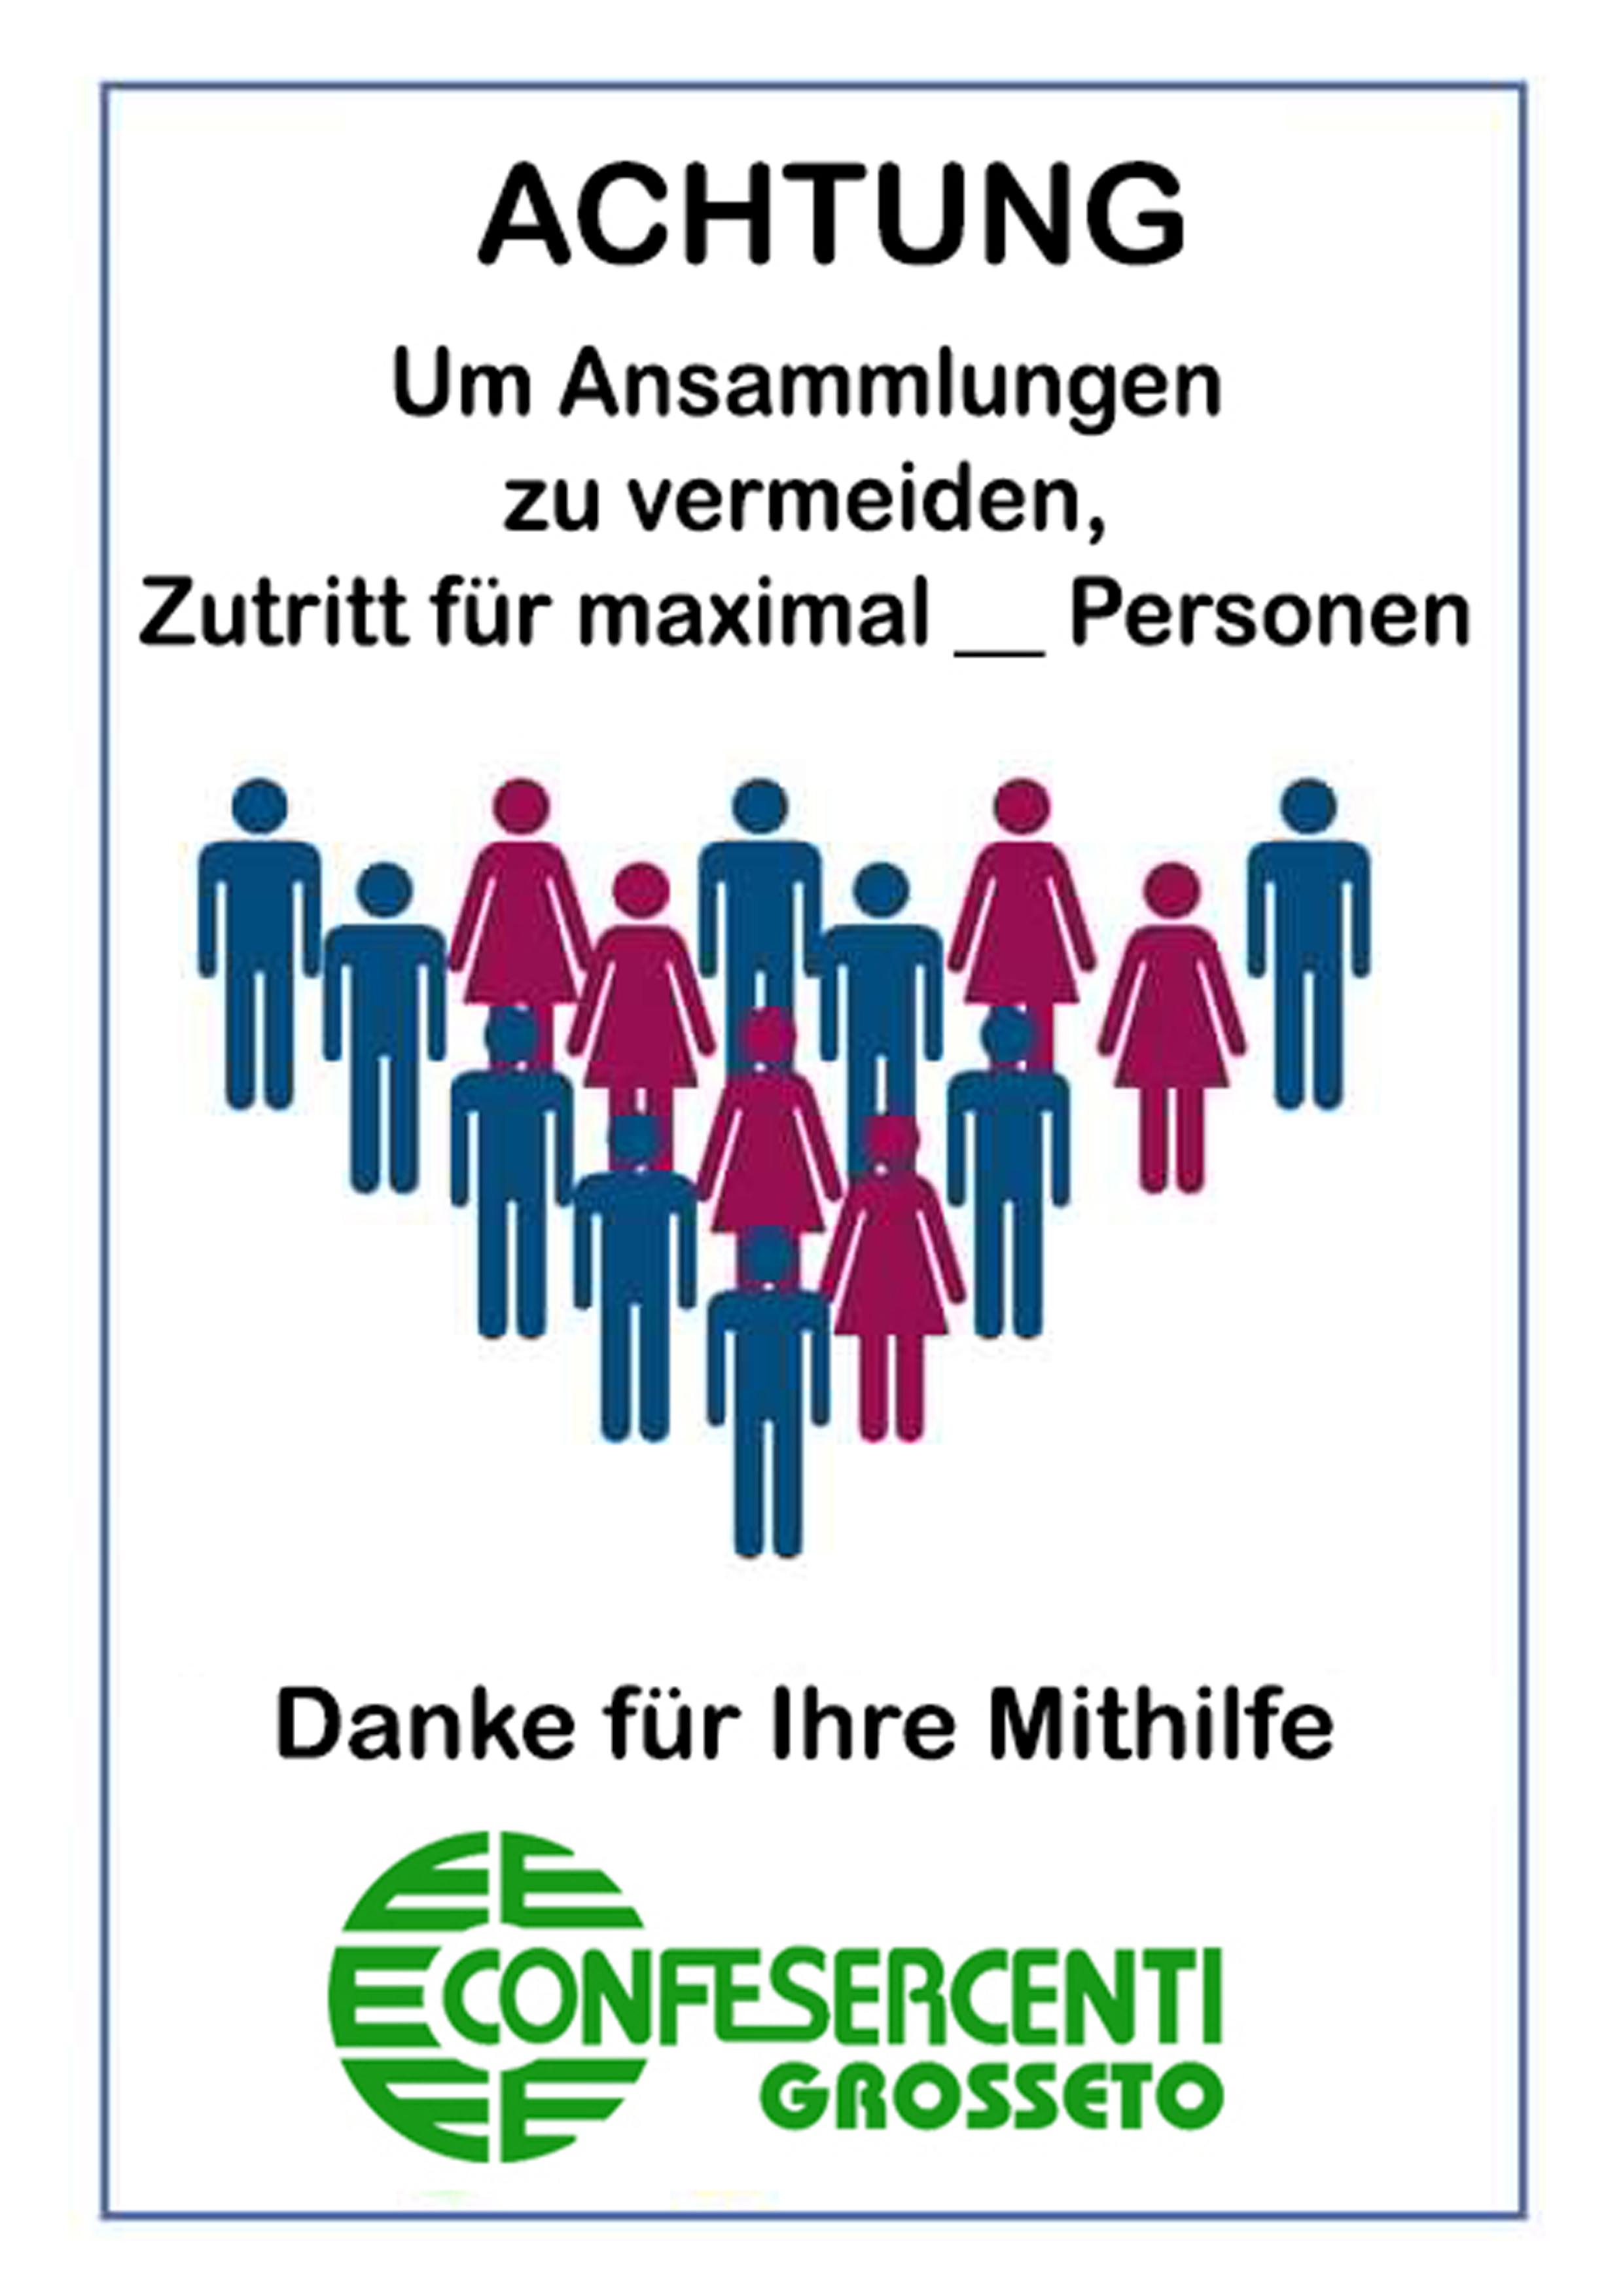 ingresso-consentito-ad-un-massimo-di-persone-n-2-tedesco-a4